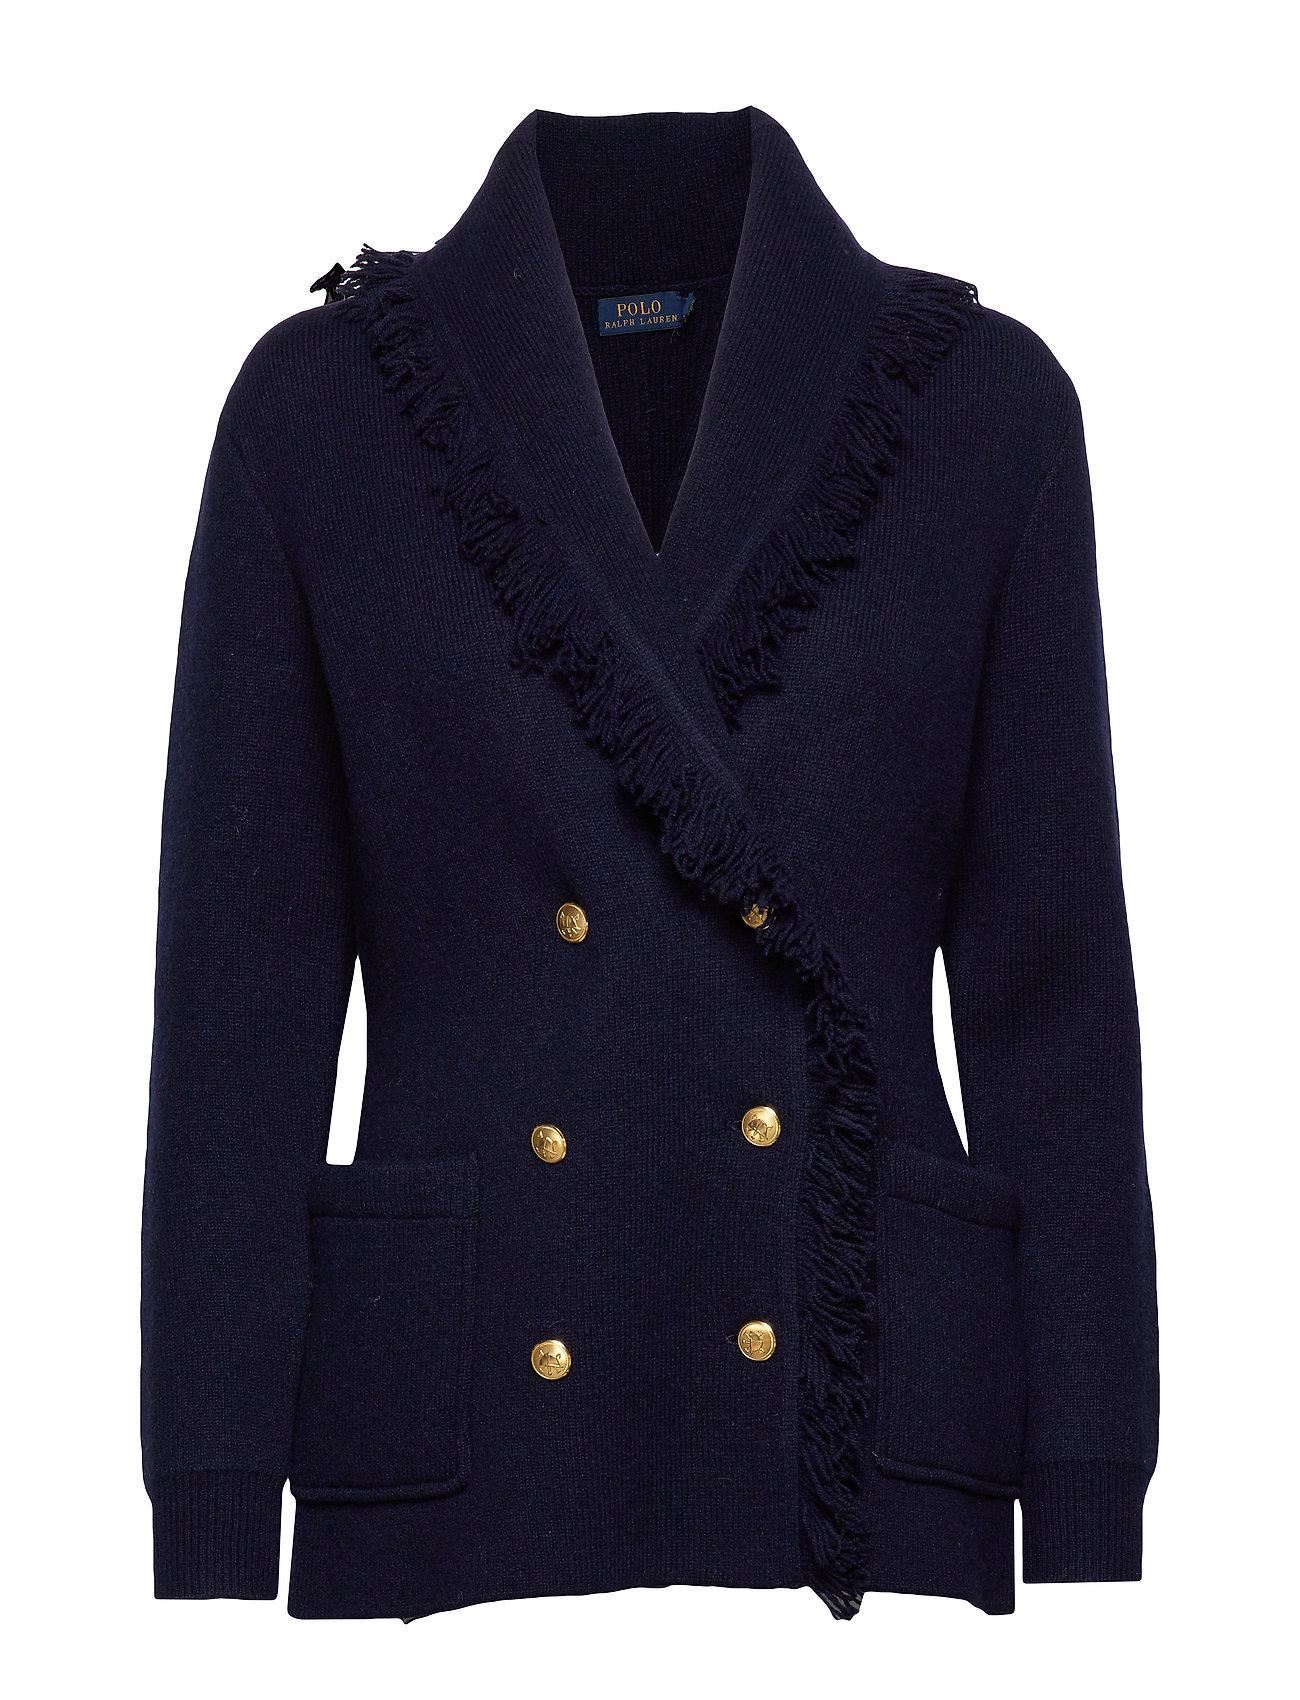 Polo Ralph Lauren Wool-Blend Sweater Blazer - HUNTER NAVY